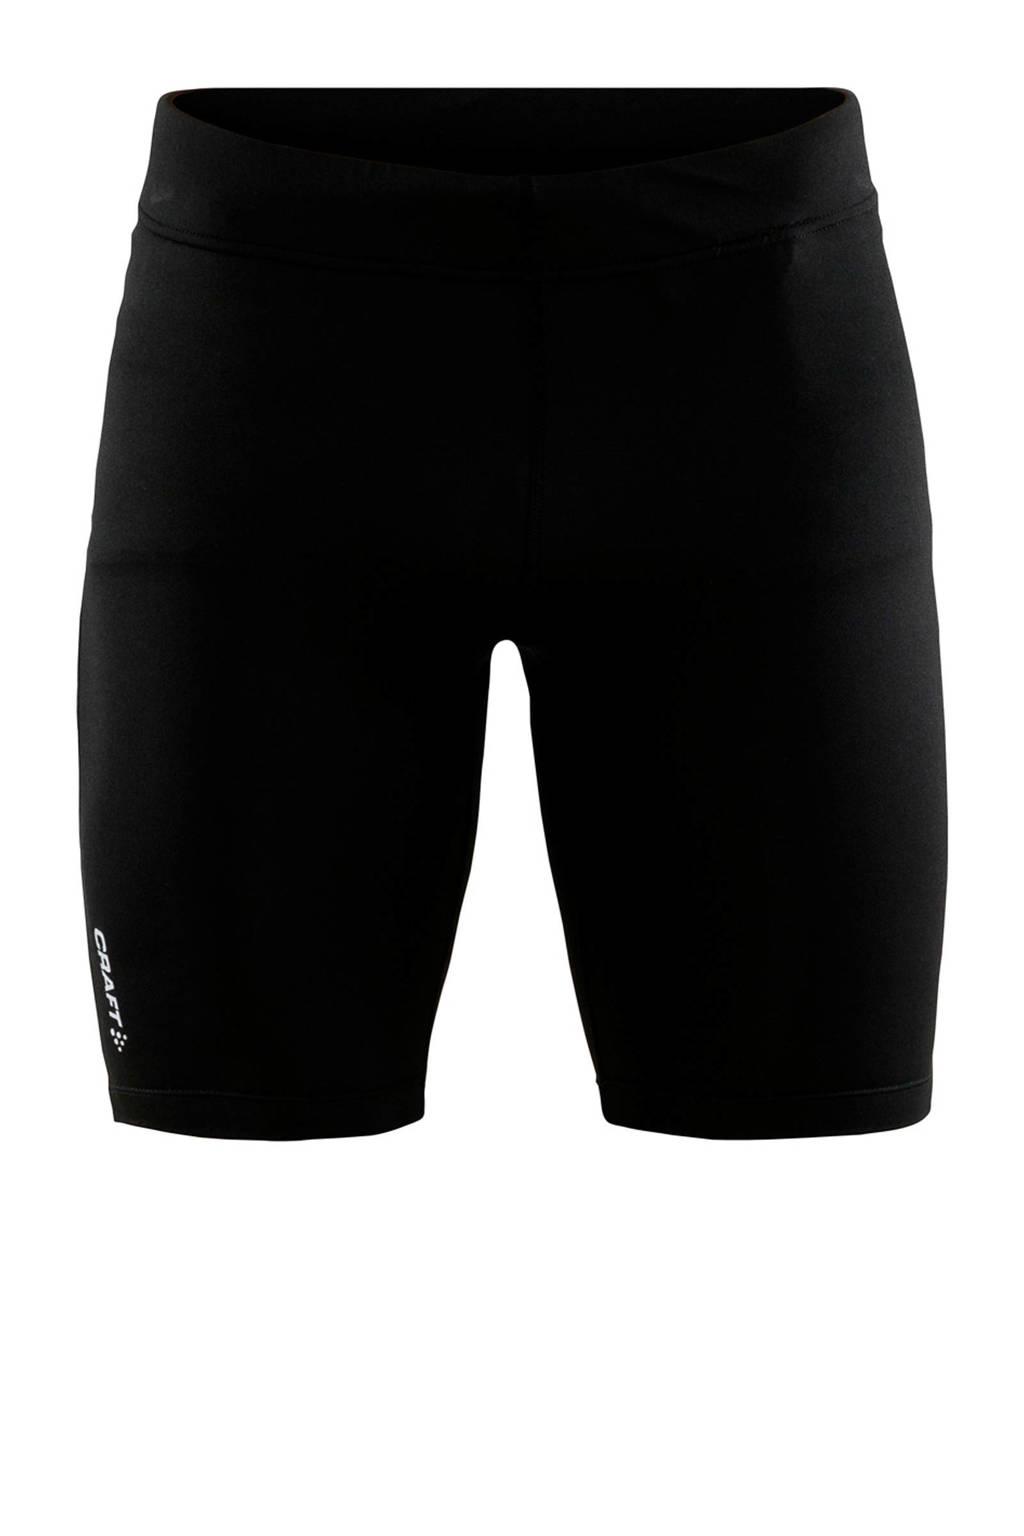 Craft   sportshort met printopdruk zwart, Zwart